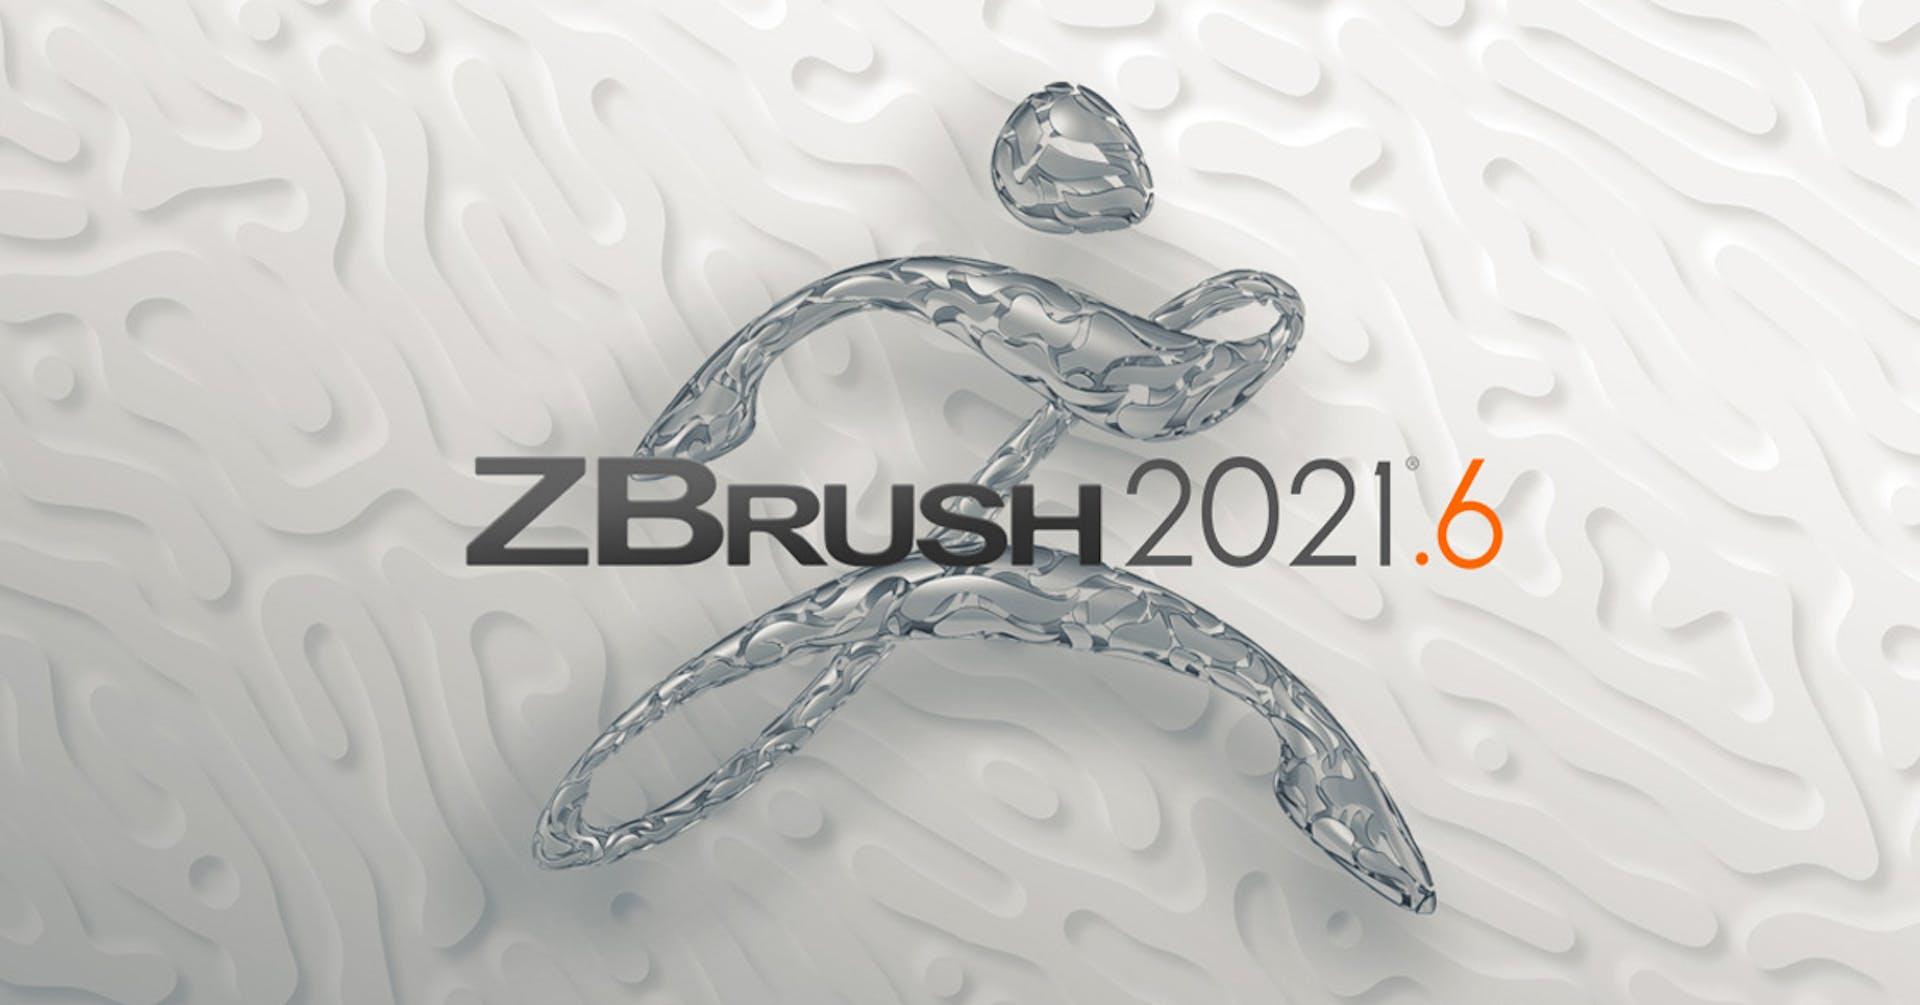 Embárcate en el modelado 3D aprendiendo qué es ZBrush